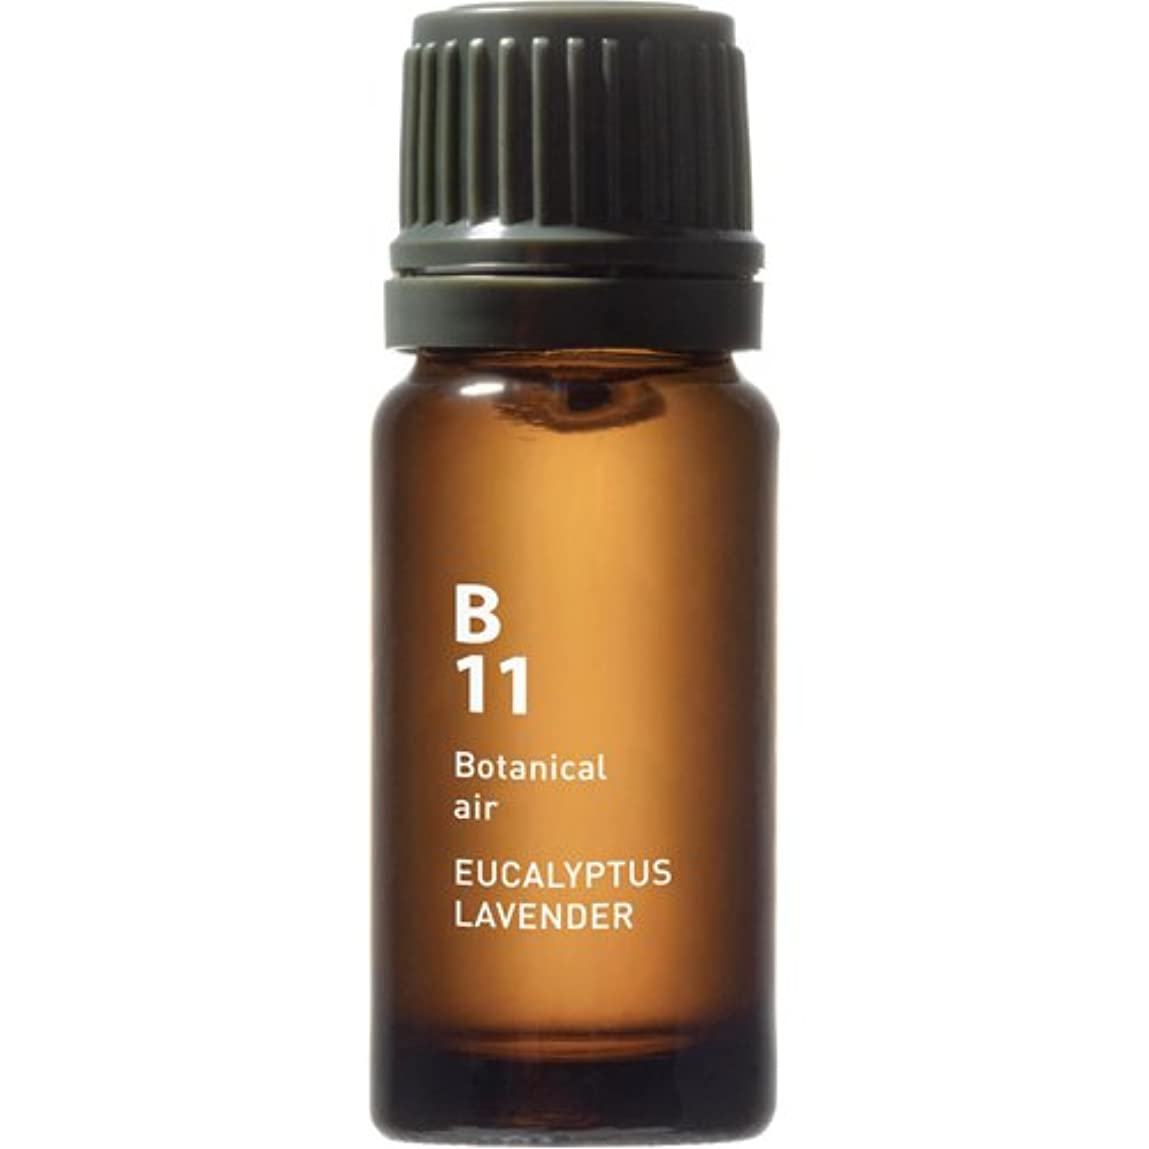 蚊舗装懲戒B11 ユーカリラベンダー Botanical air(ボタニカルエアー) 10ml